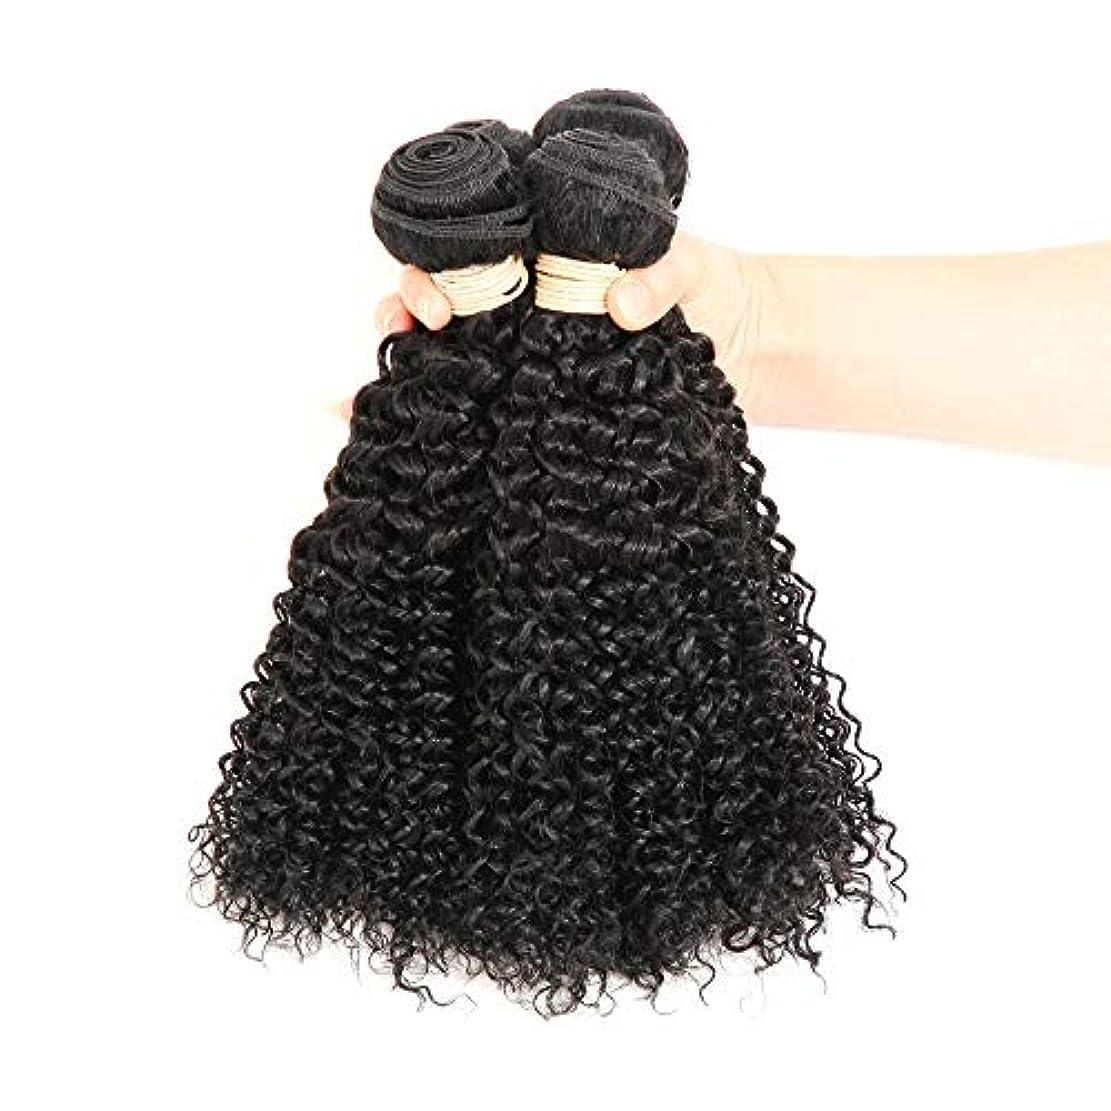 指定小数好意HOHYLLYA ブラジルのバージン人間の髪の毛の束ブラジルの変態カーリー織り人毛ナチュラルブラック色16-22インチ(100 +/- 5g)/ pc 1バンドルロールプレイングかつら女性の自然なかつら (色 : 黒,...